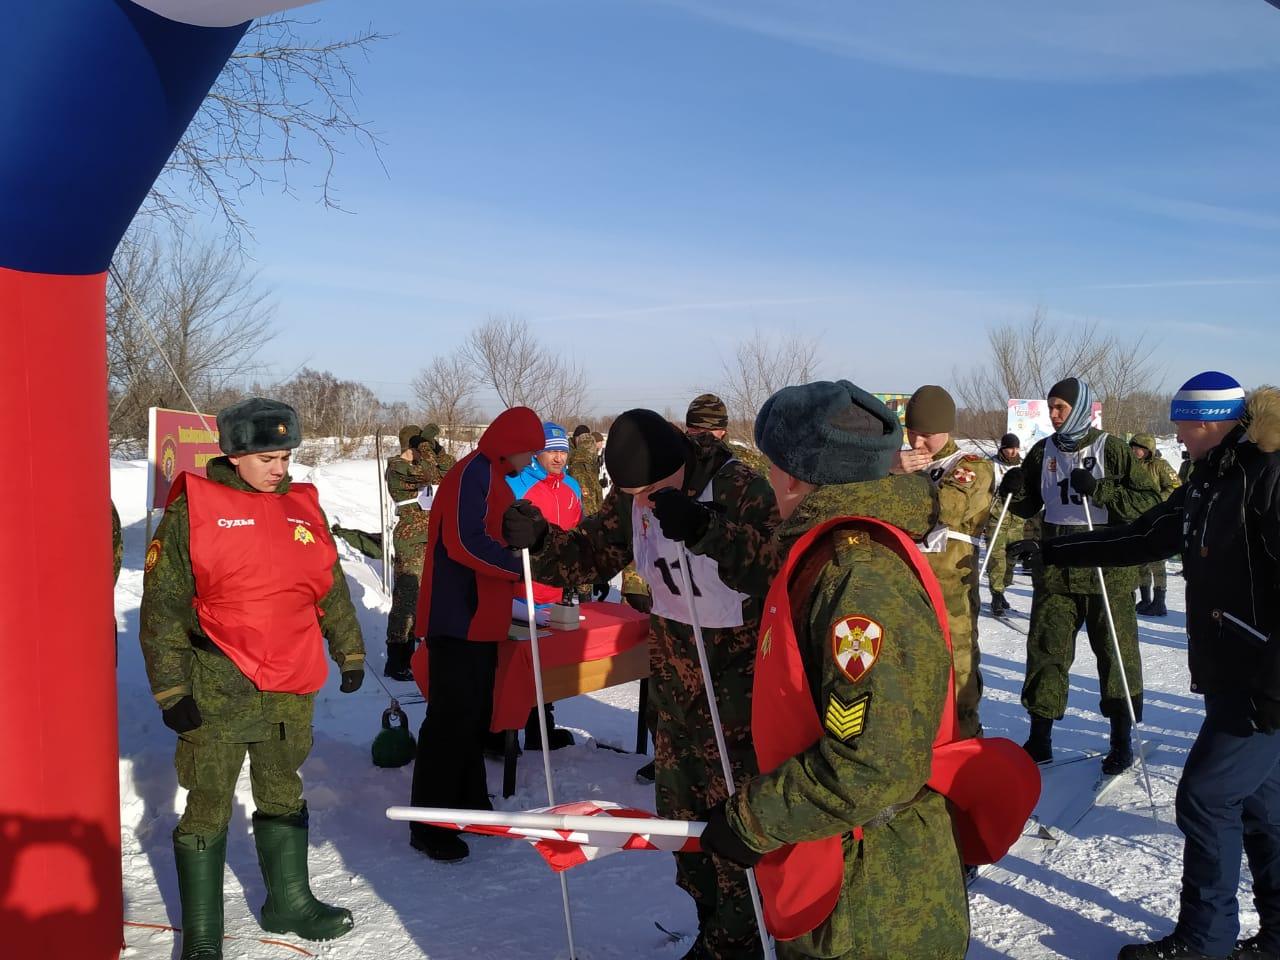 Участники соревнований пробежали пятикилометровую дистанцию свободным стилем